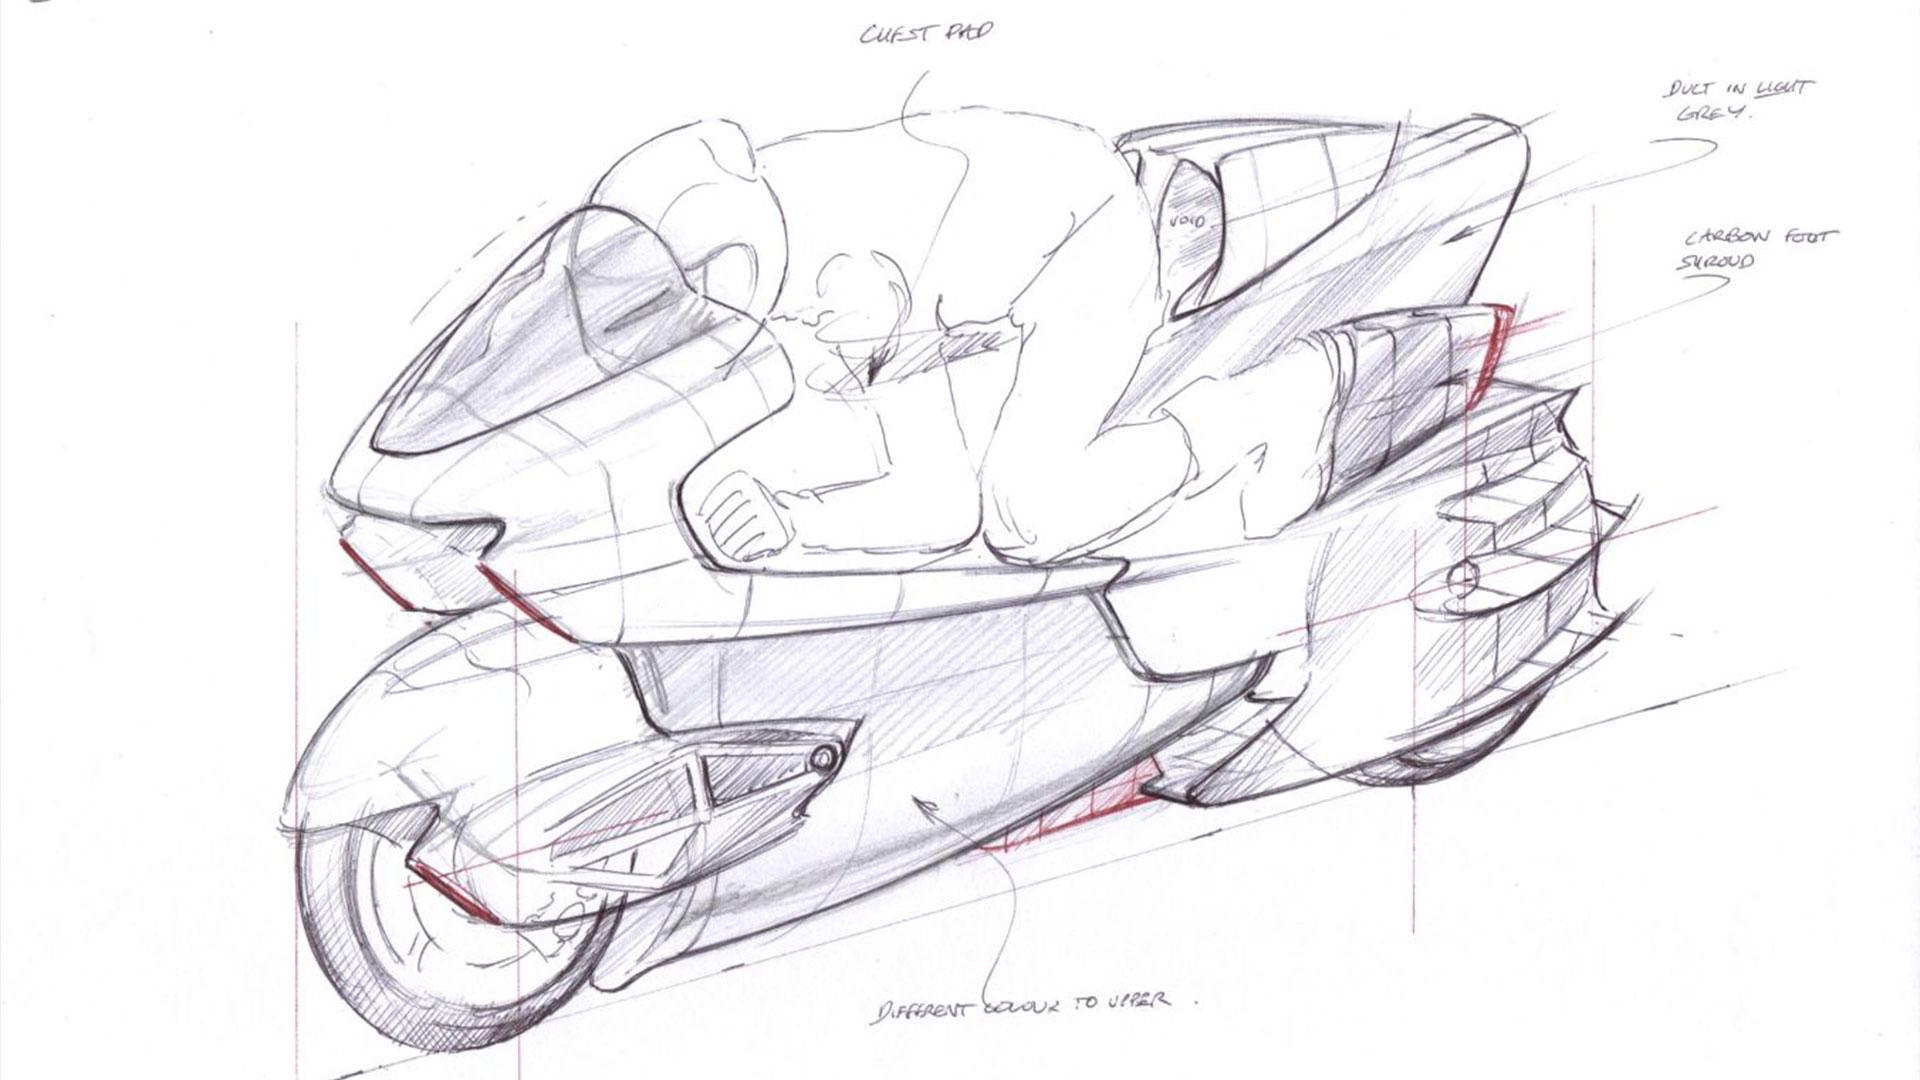 WMC250EV Sketch